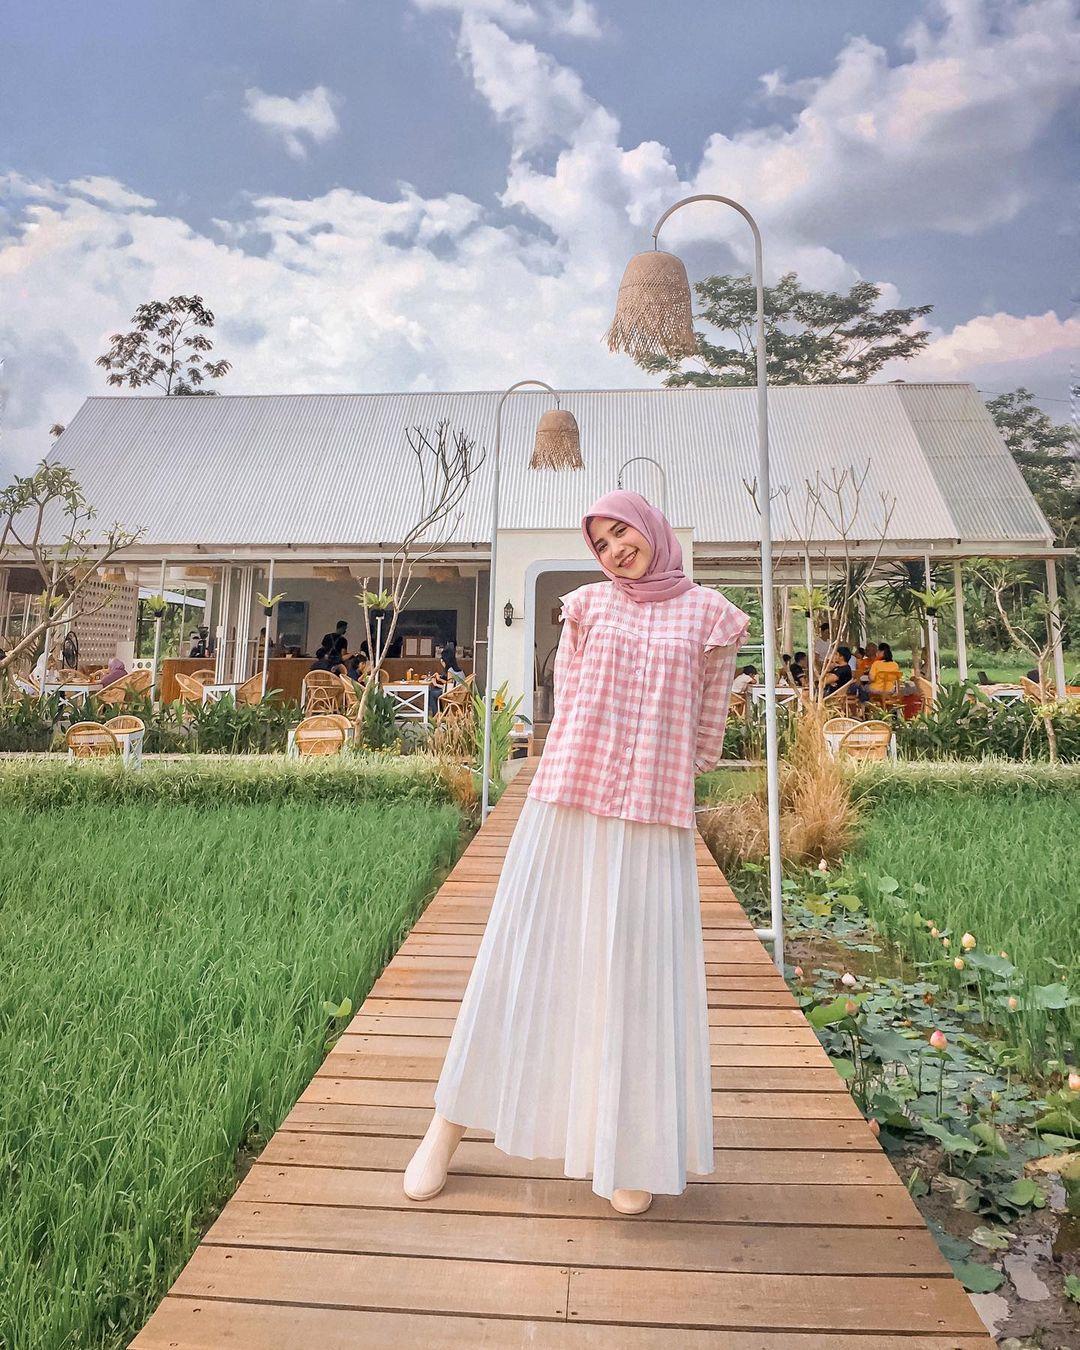 Berfoto Di Cafe Padiku Image From @cherrymix_21